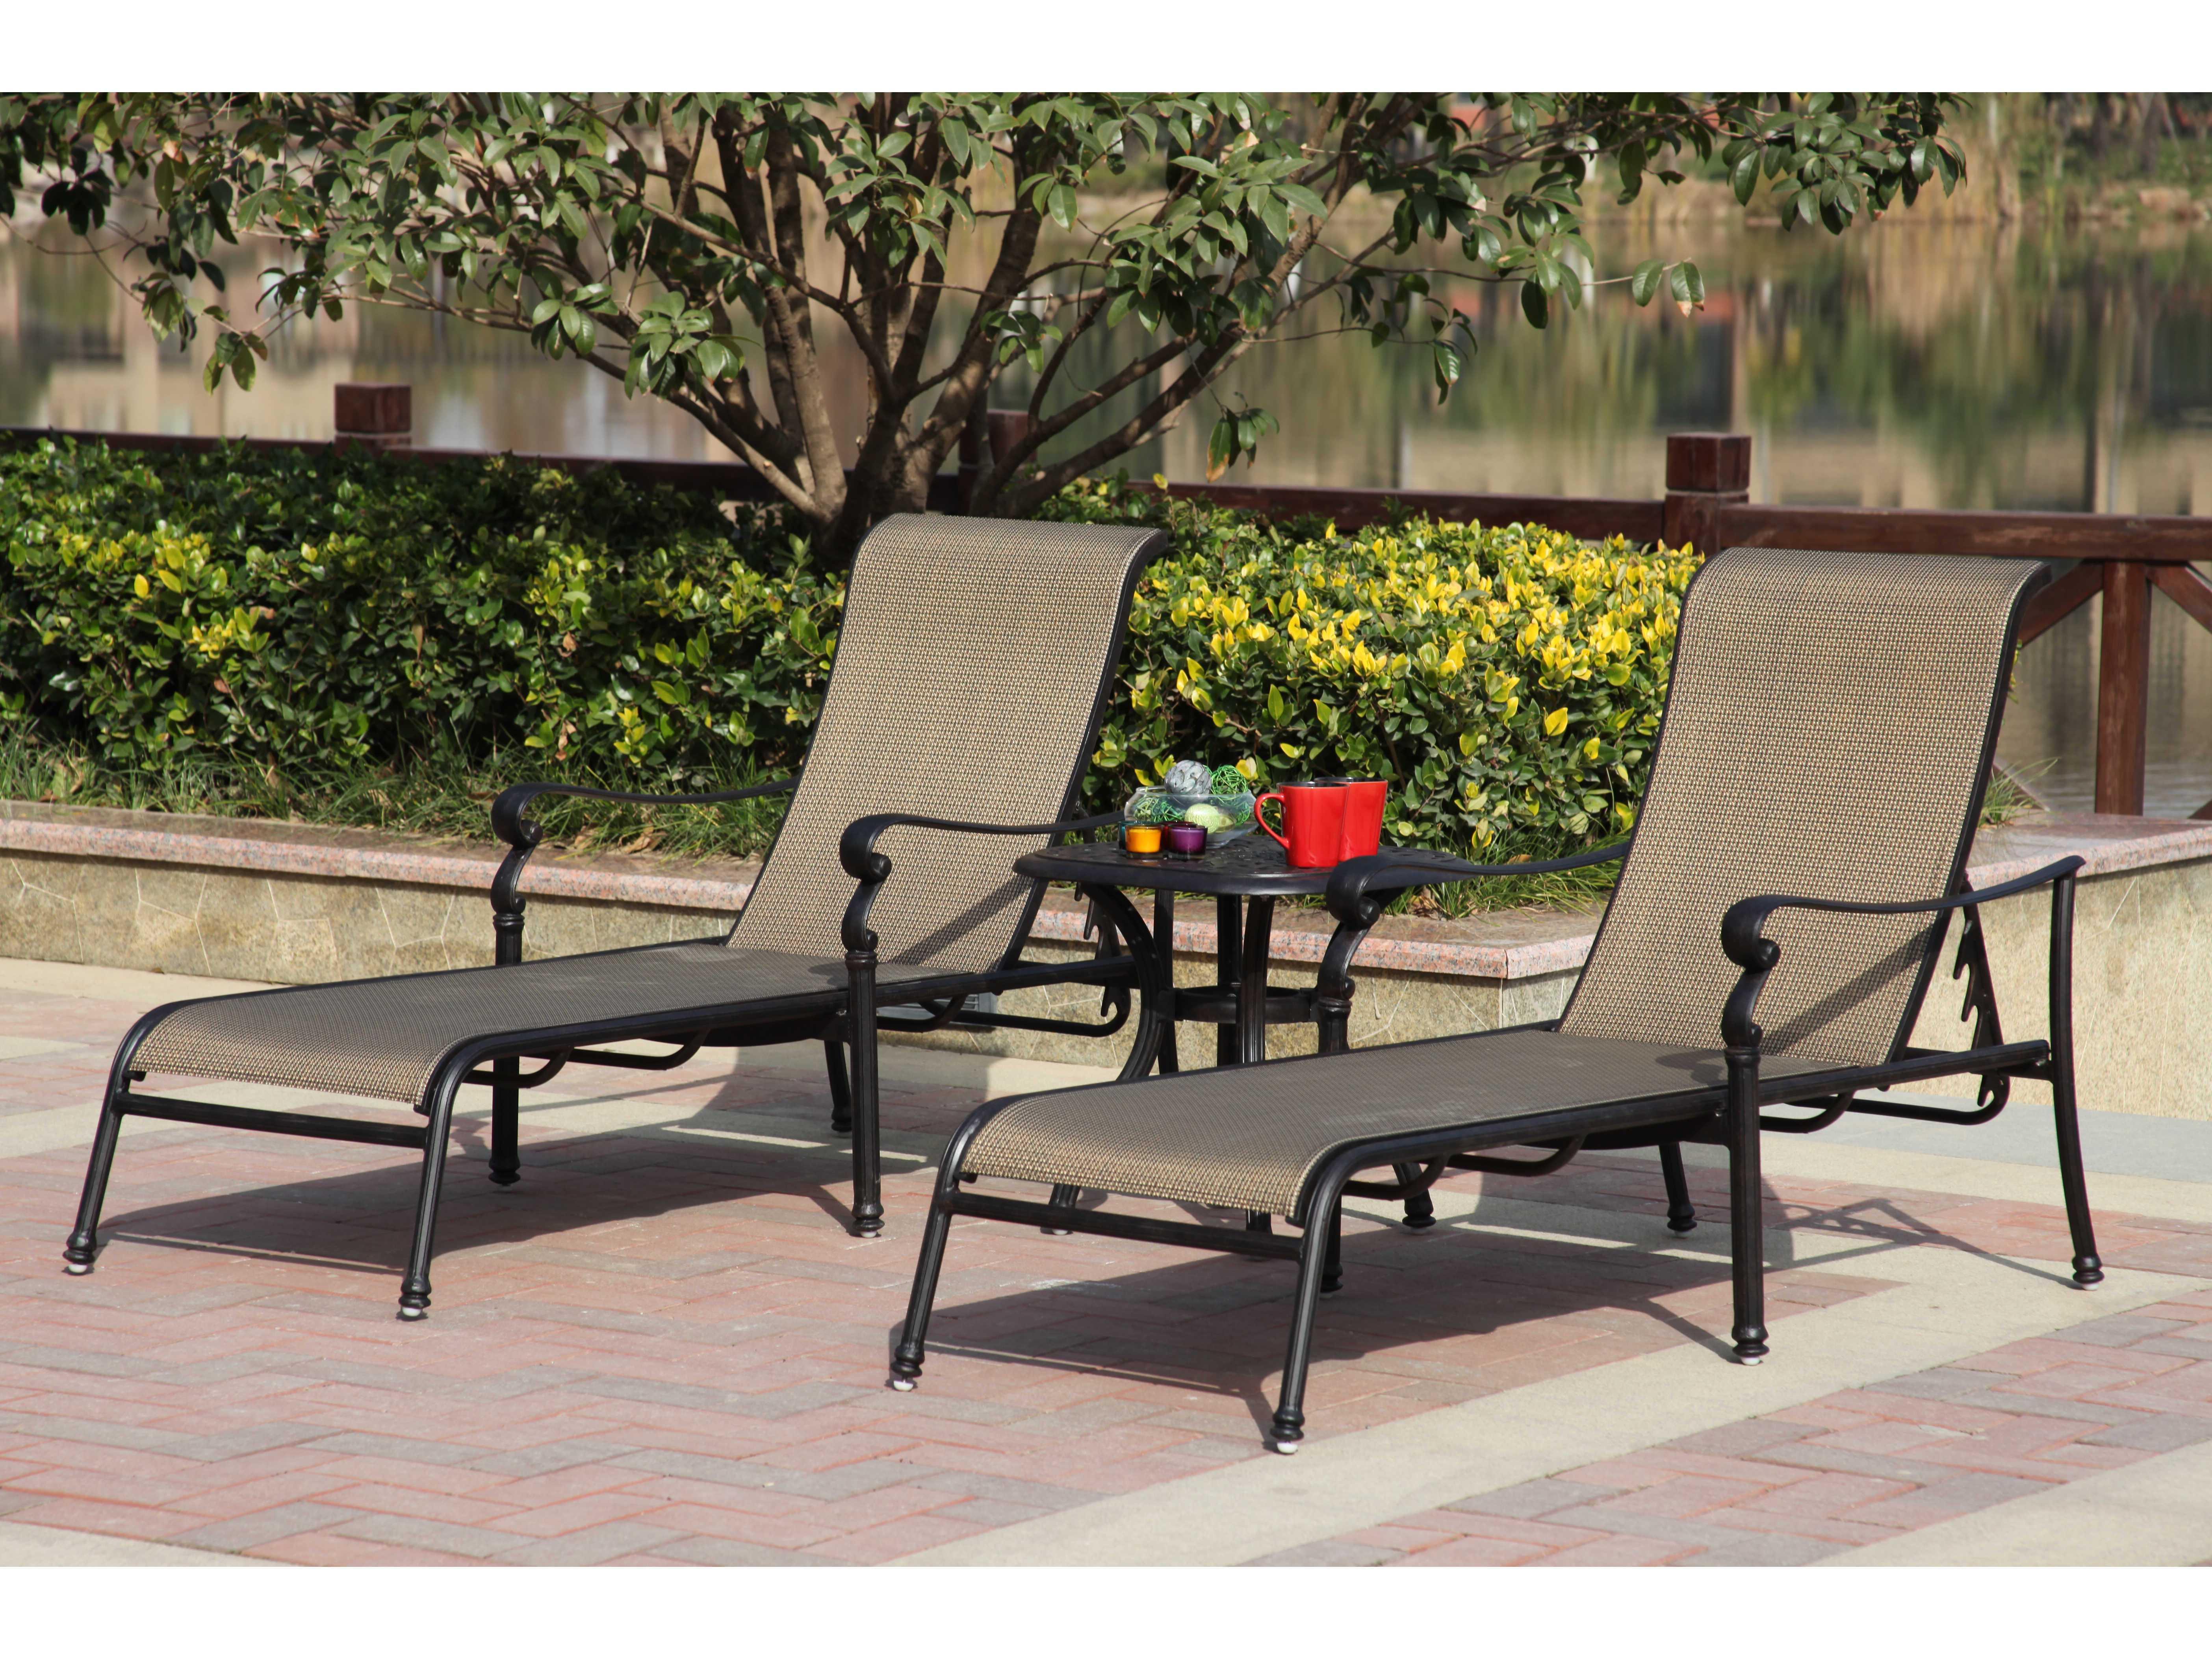 darlee outdoor living standard monterey cast aluminum antique